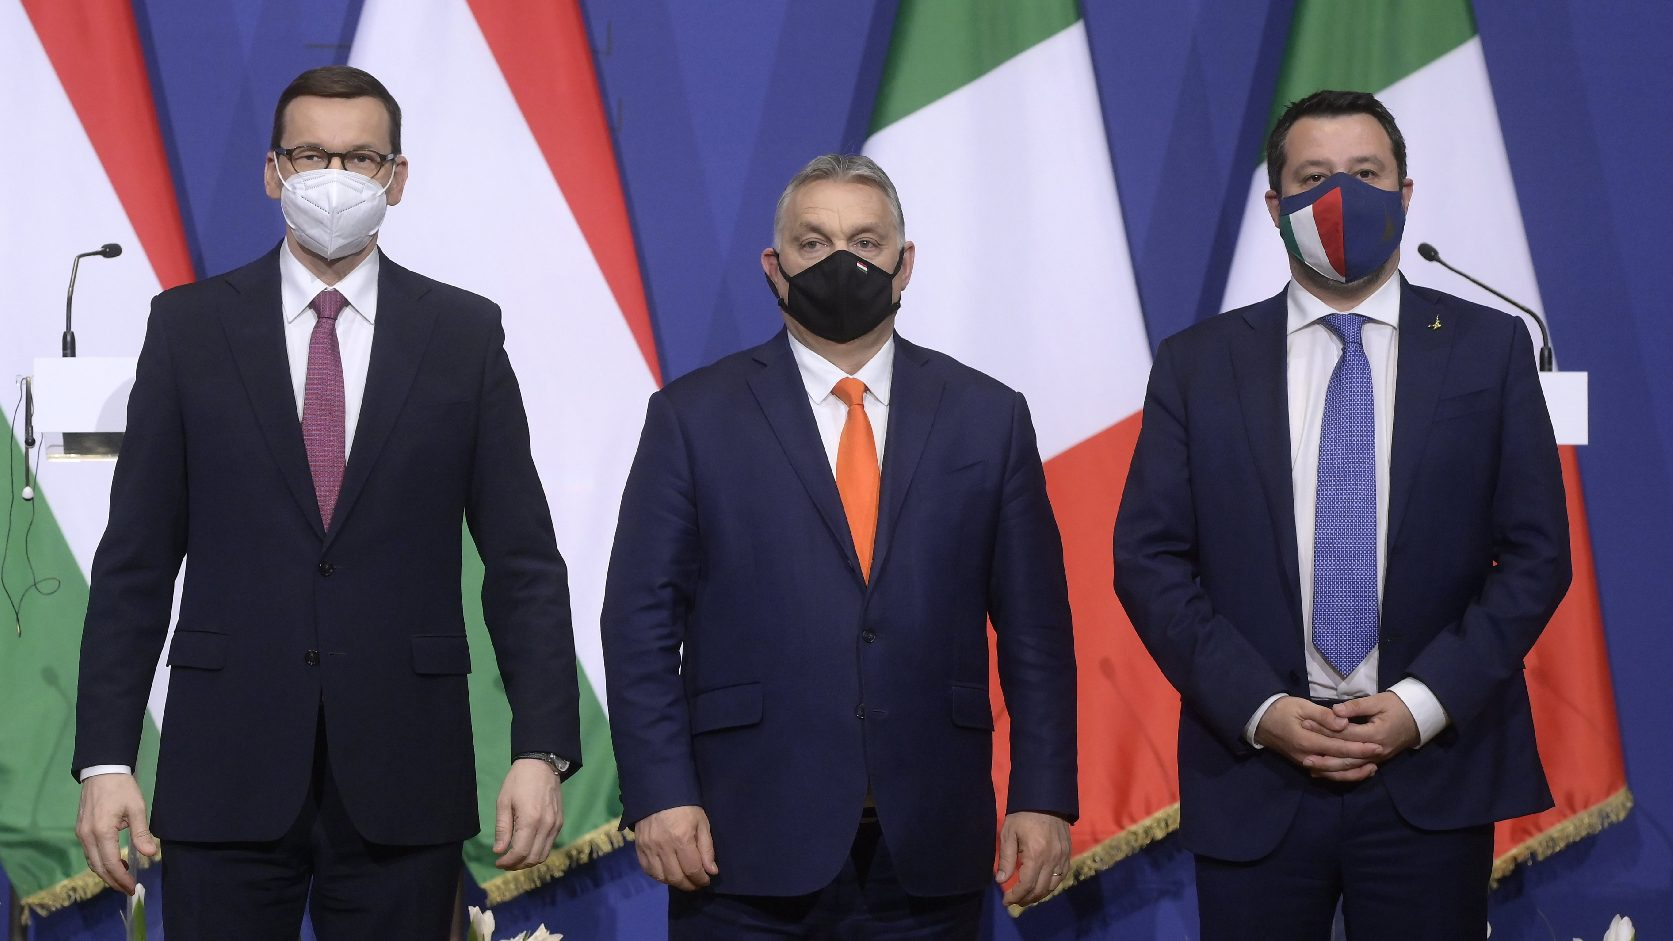 Orbán a magyar-olasz-lengyel találkozóról: Európai reneszánszt akarunk – videó